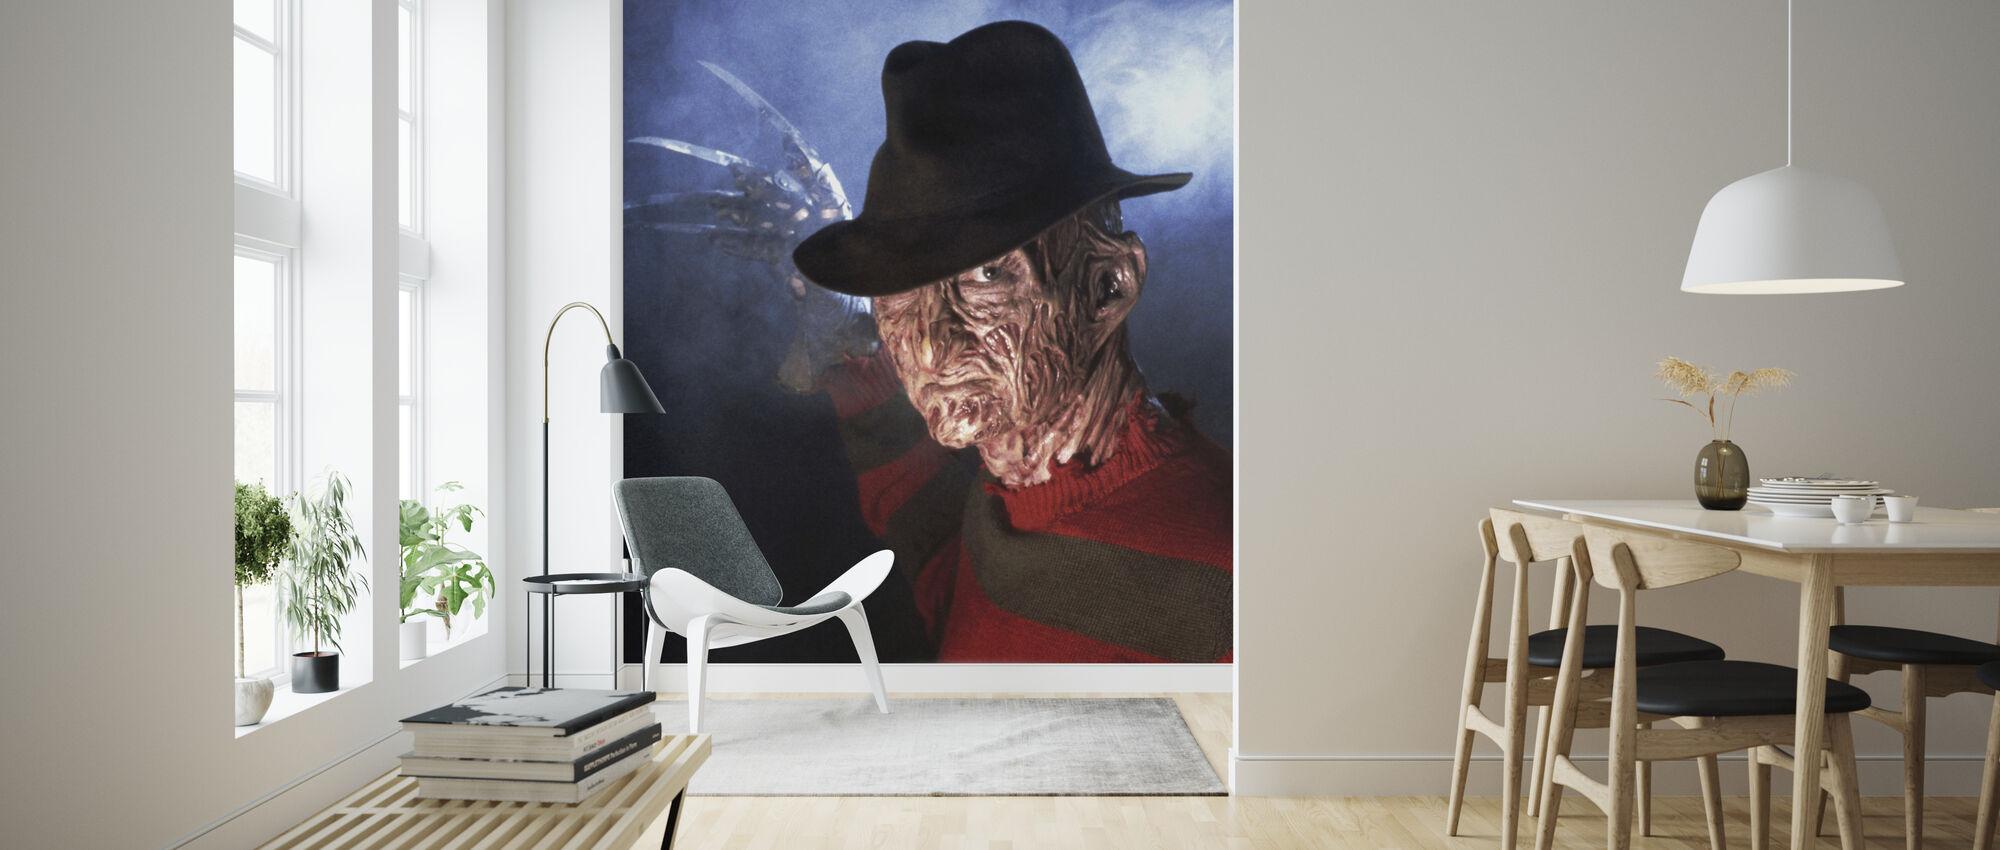 Robert Englund i et mareritt på Elm Street - Tapet - Stue